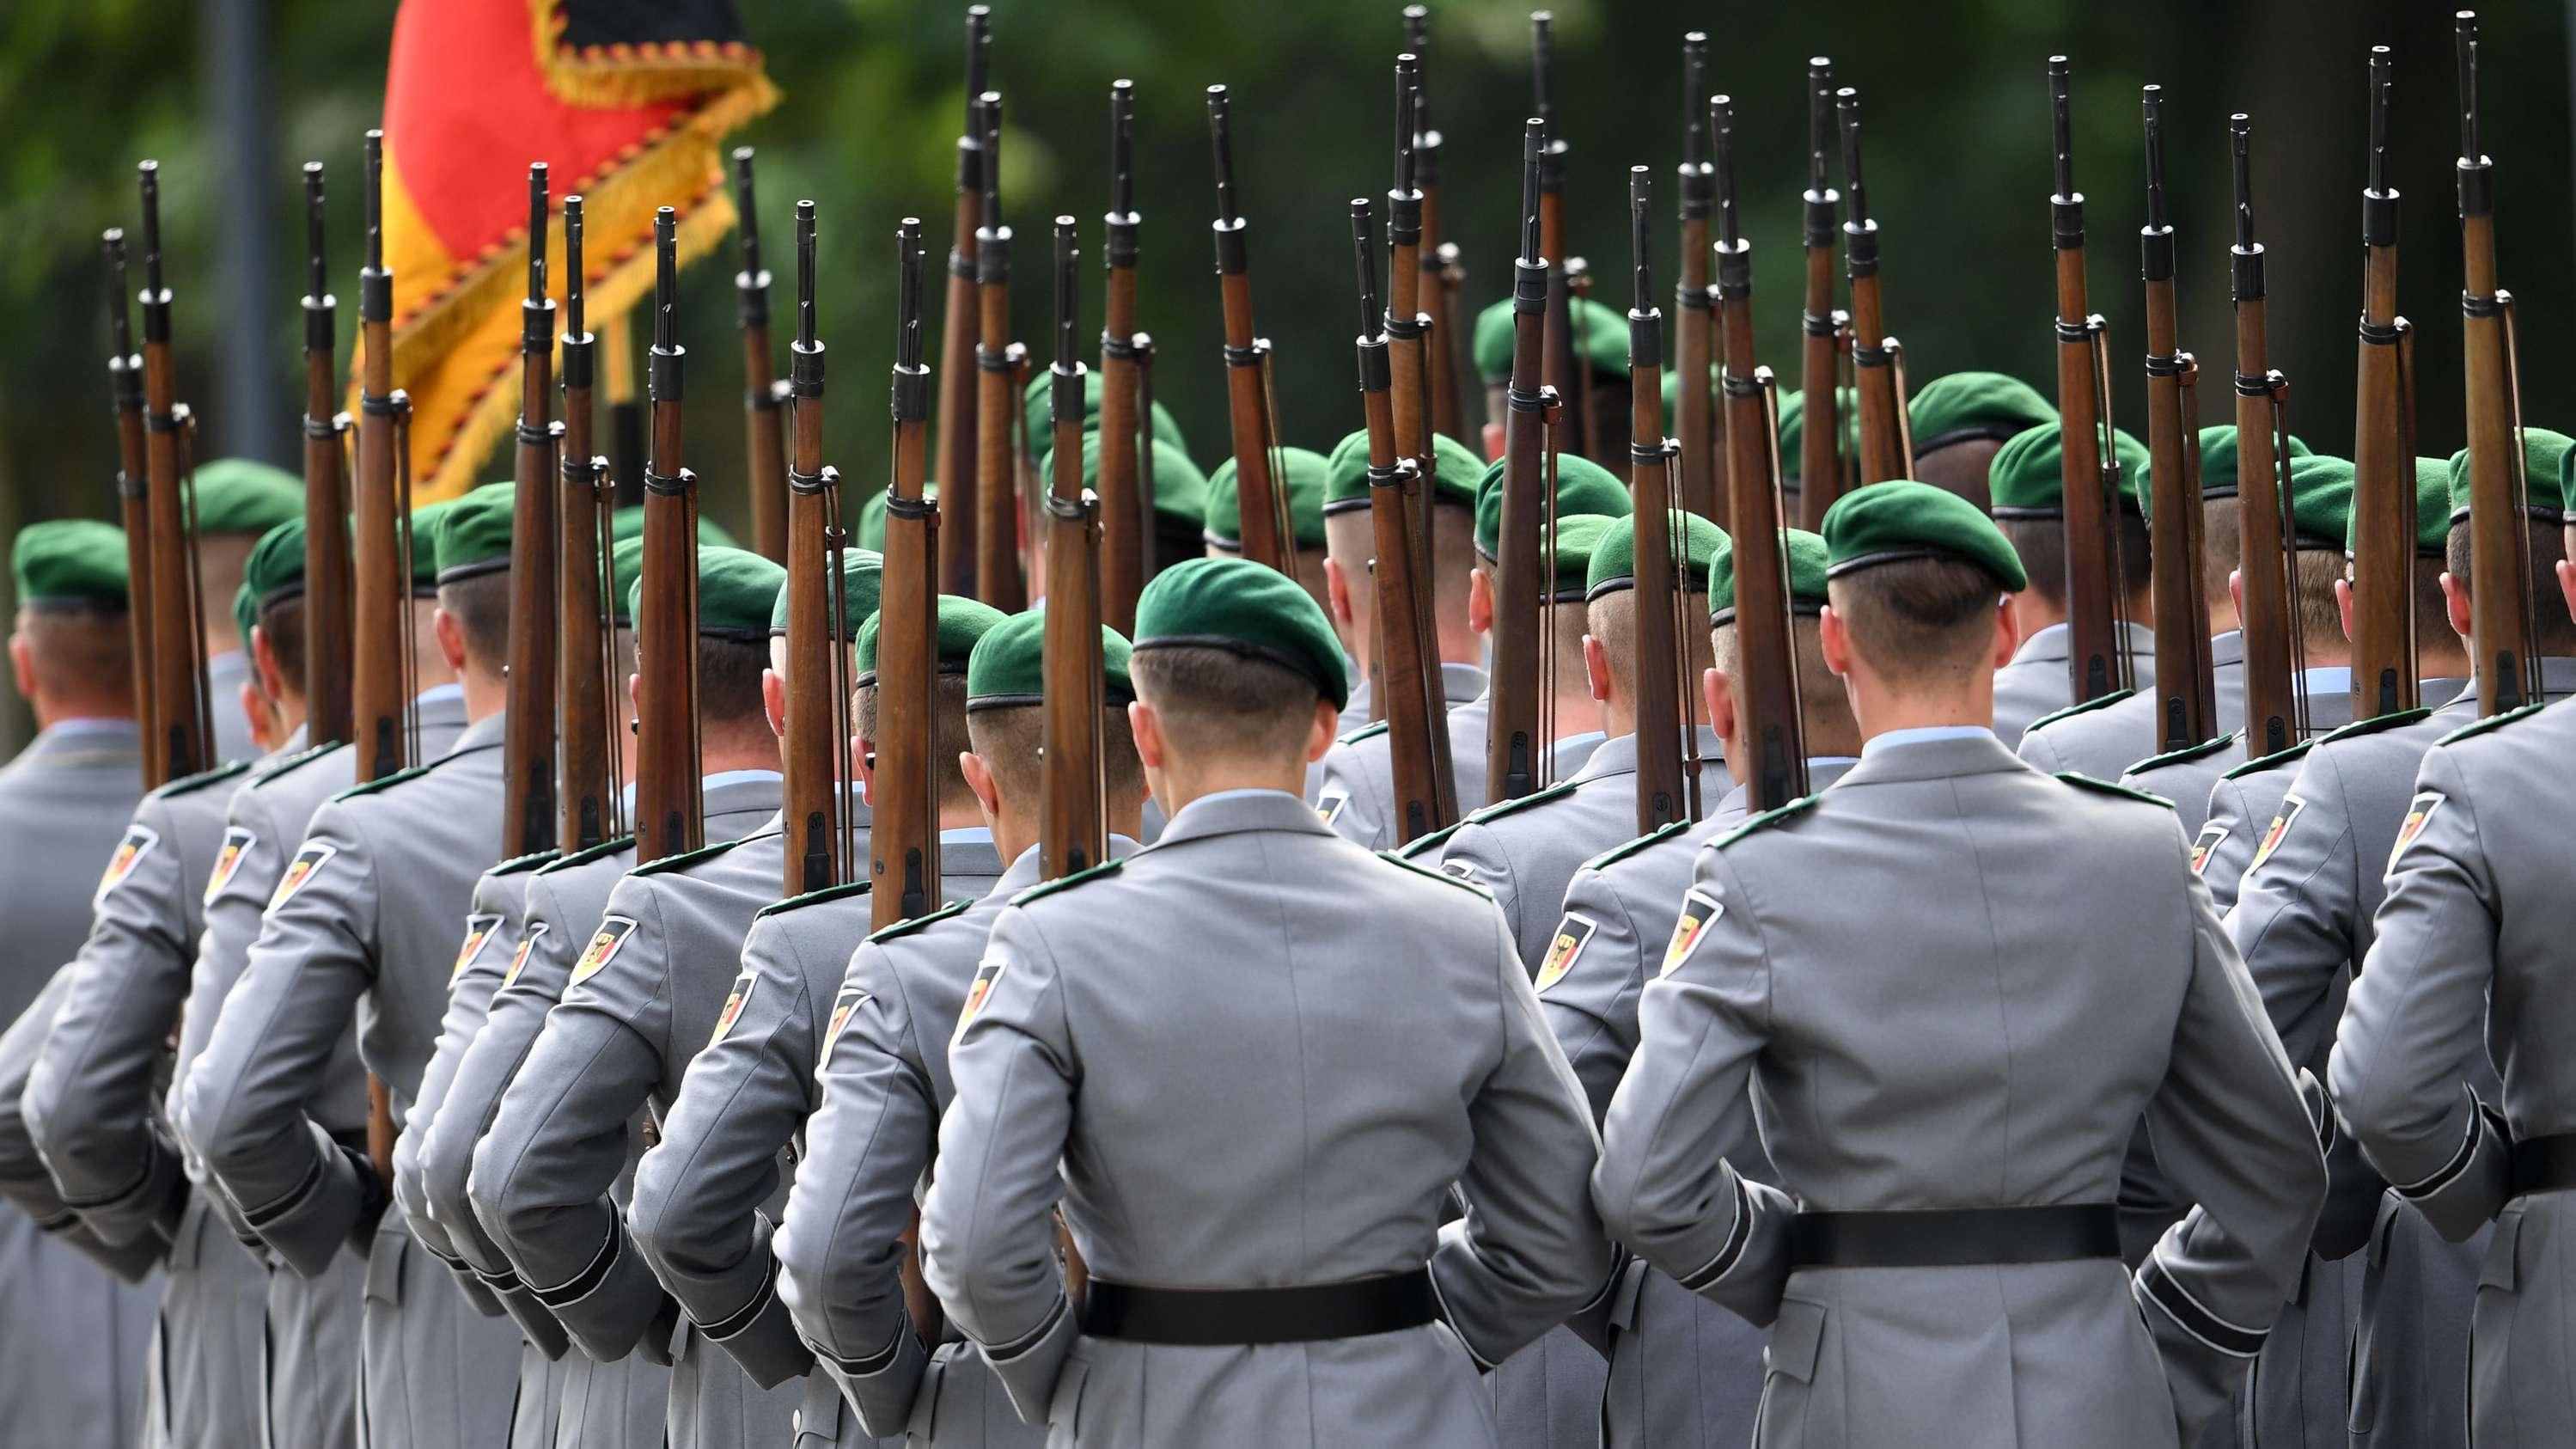 Wachbataillon der Bundeswehr marschiert bei einer Gedenkveranstaltung für die Opfer der nationalsozialistischen Gewaltherrschaft